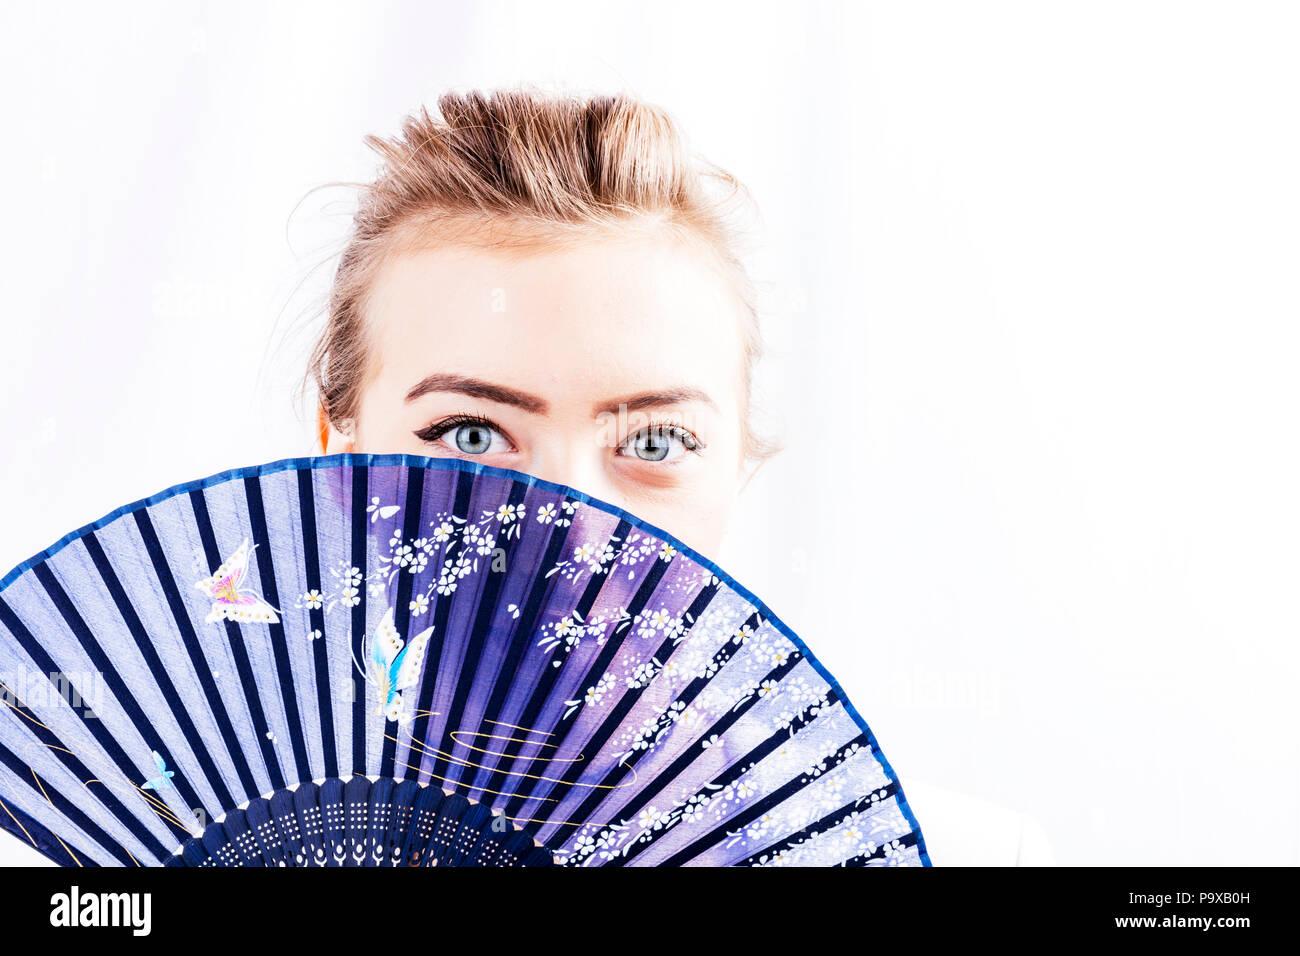 Jeune fille timide, fille avec ventilateur, ventilateur à l'aide de jeune fille, chinois, ventilateur ventilateur ventilateur fixe, rigide, se cachant derrière ventilateur, vue perçante, yeux, jolie yeux, peau, douce, magnifique Photo Stock